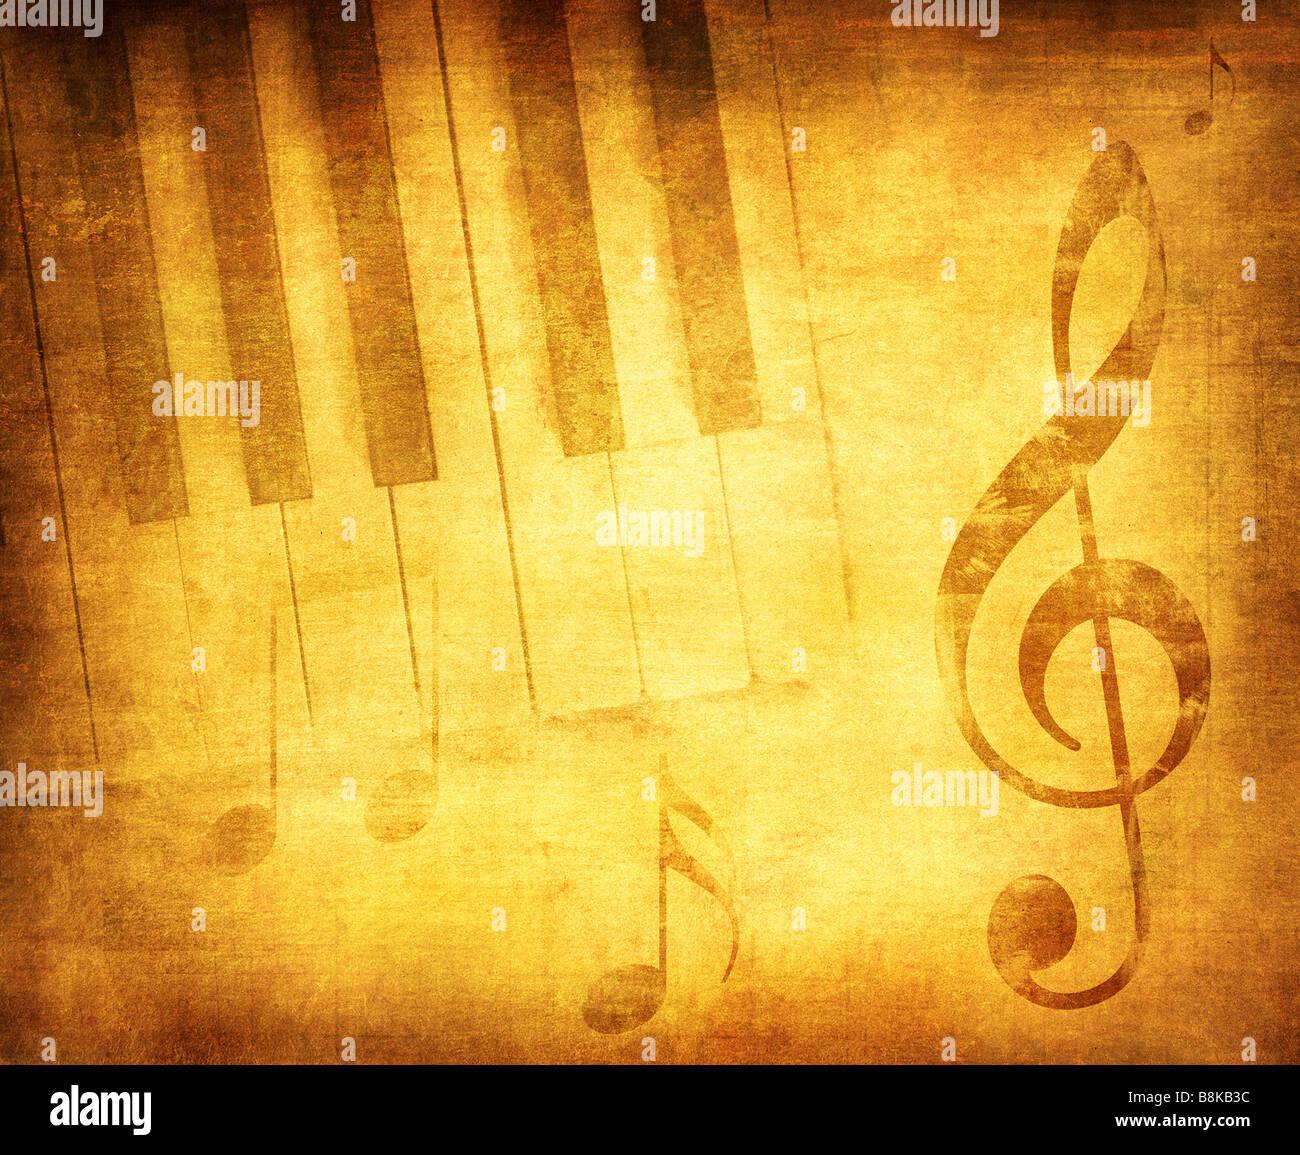 La musique grunge background avec espace pour texte ou l'image Photo Stock